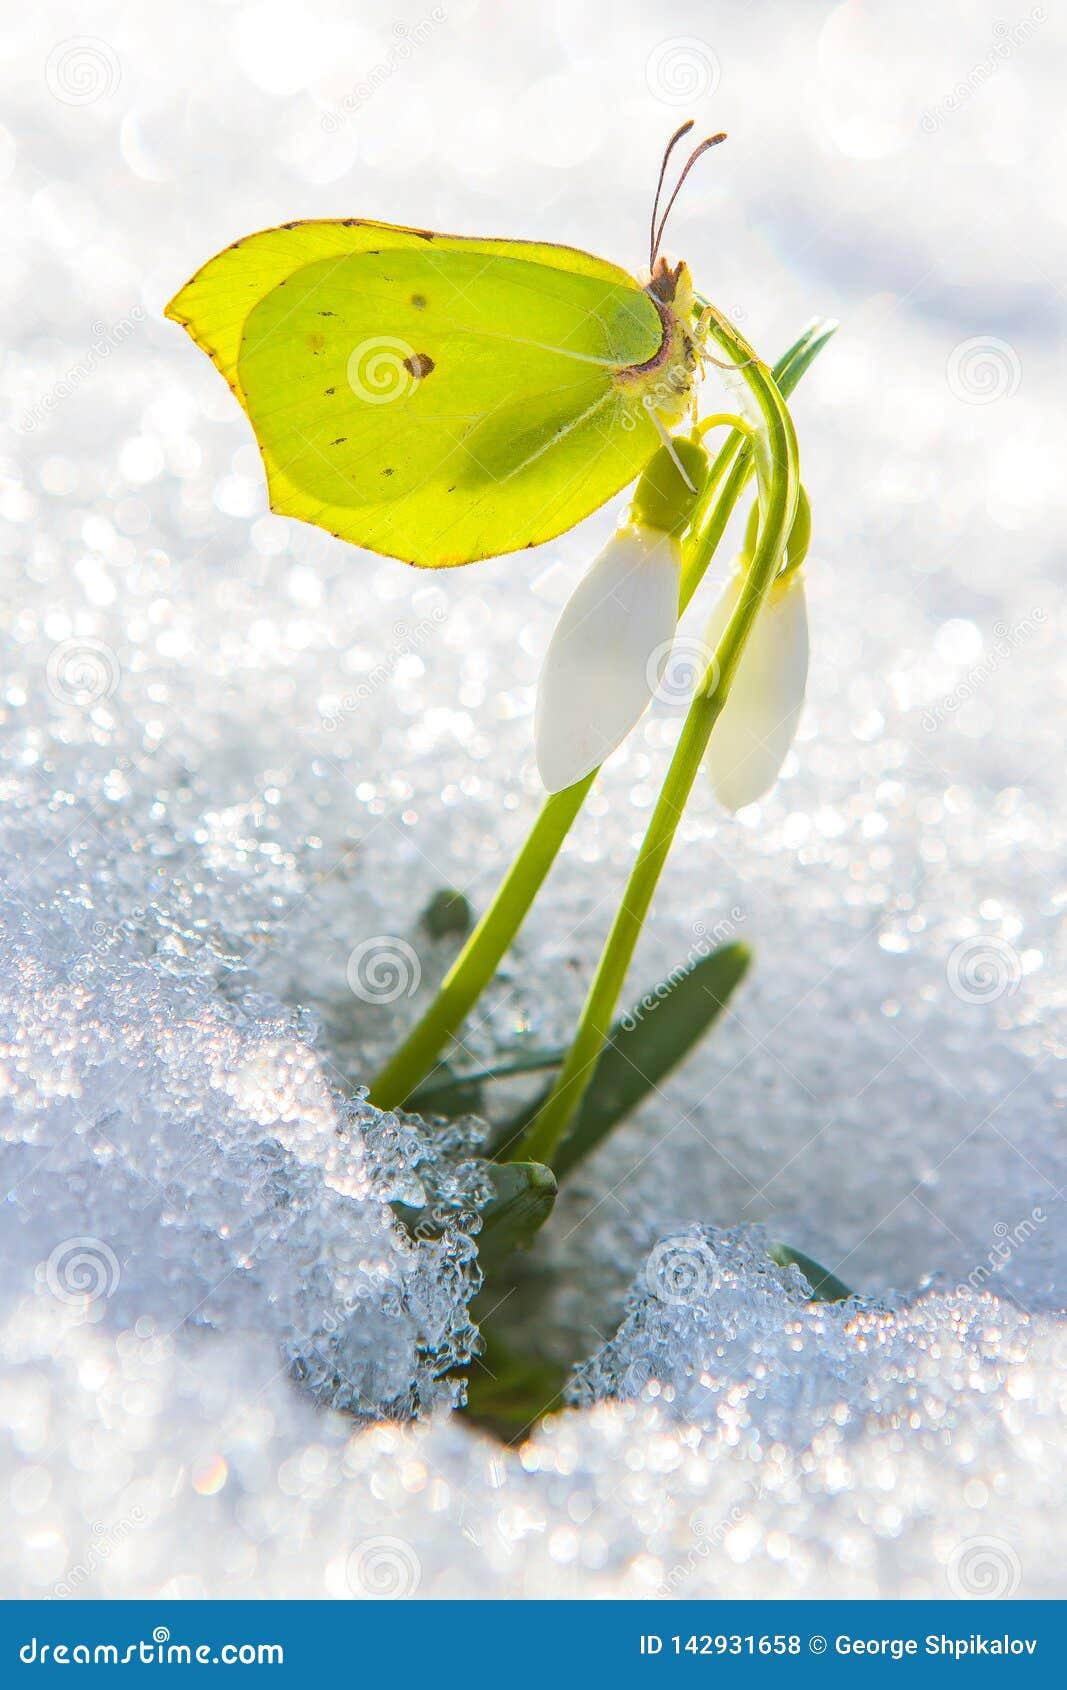 美丽的黄色蝴蝶坐来自真正的雪的第一朵春天snowdrop花